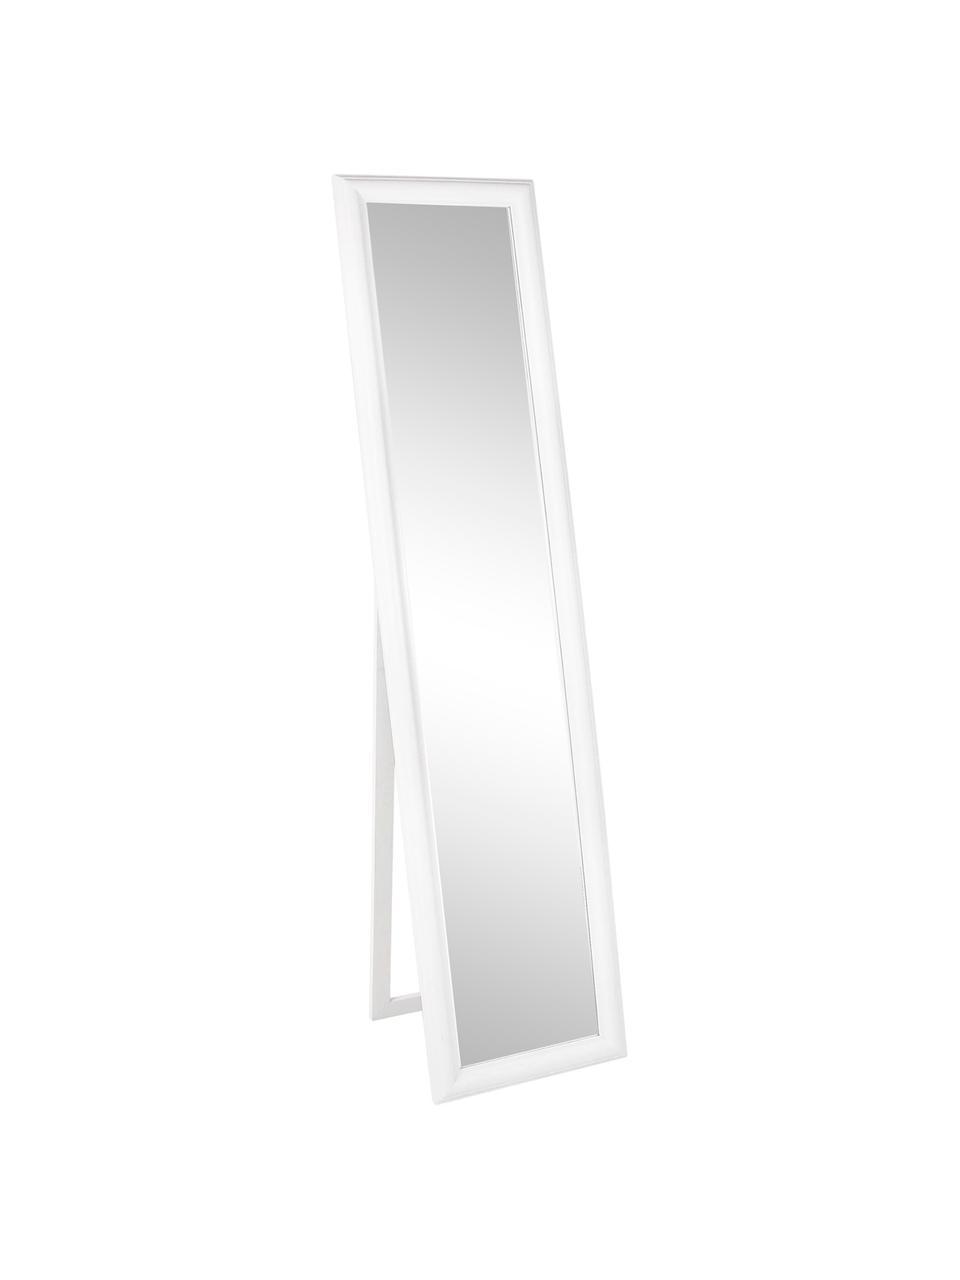 Specchio da terra quadrato con legno bianco Sanzio, Cornice: legno di paulownia rivest, Superficie dello specchio: lastra di vetro, Bianco, Larg. 40 x Alt. 170 cm